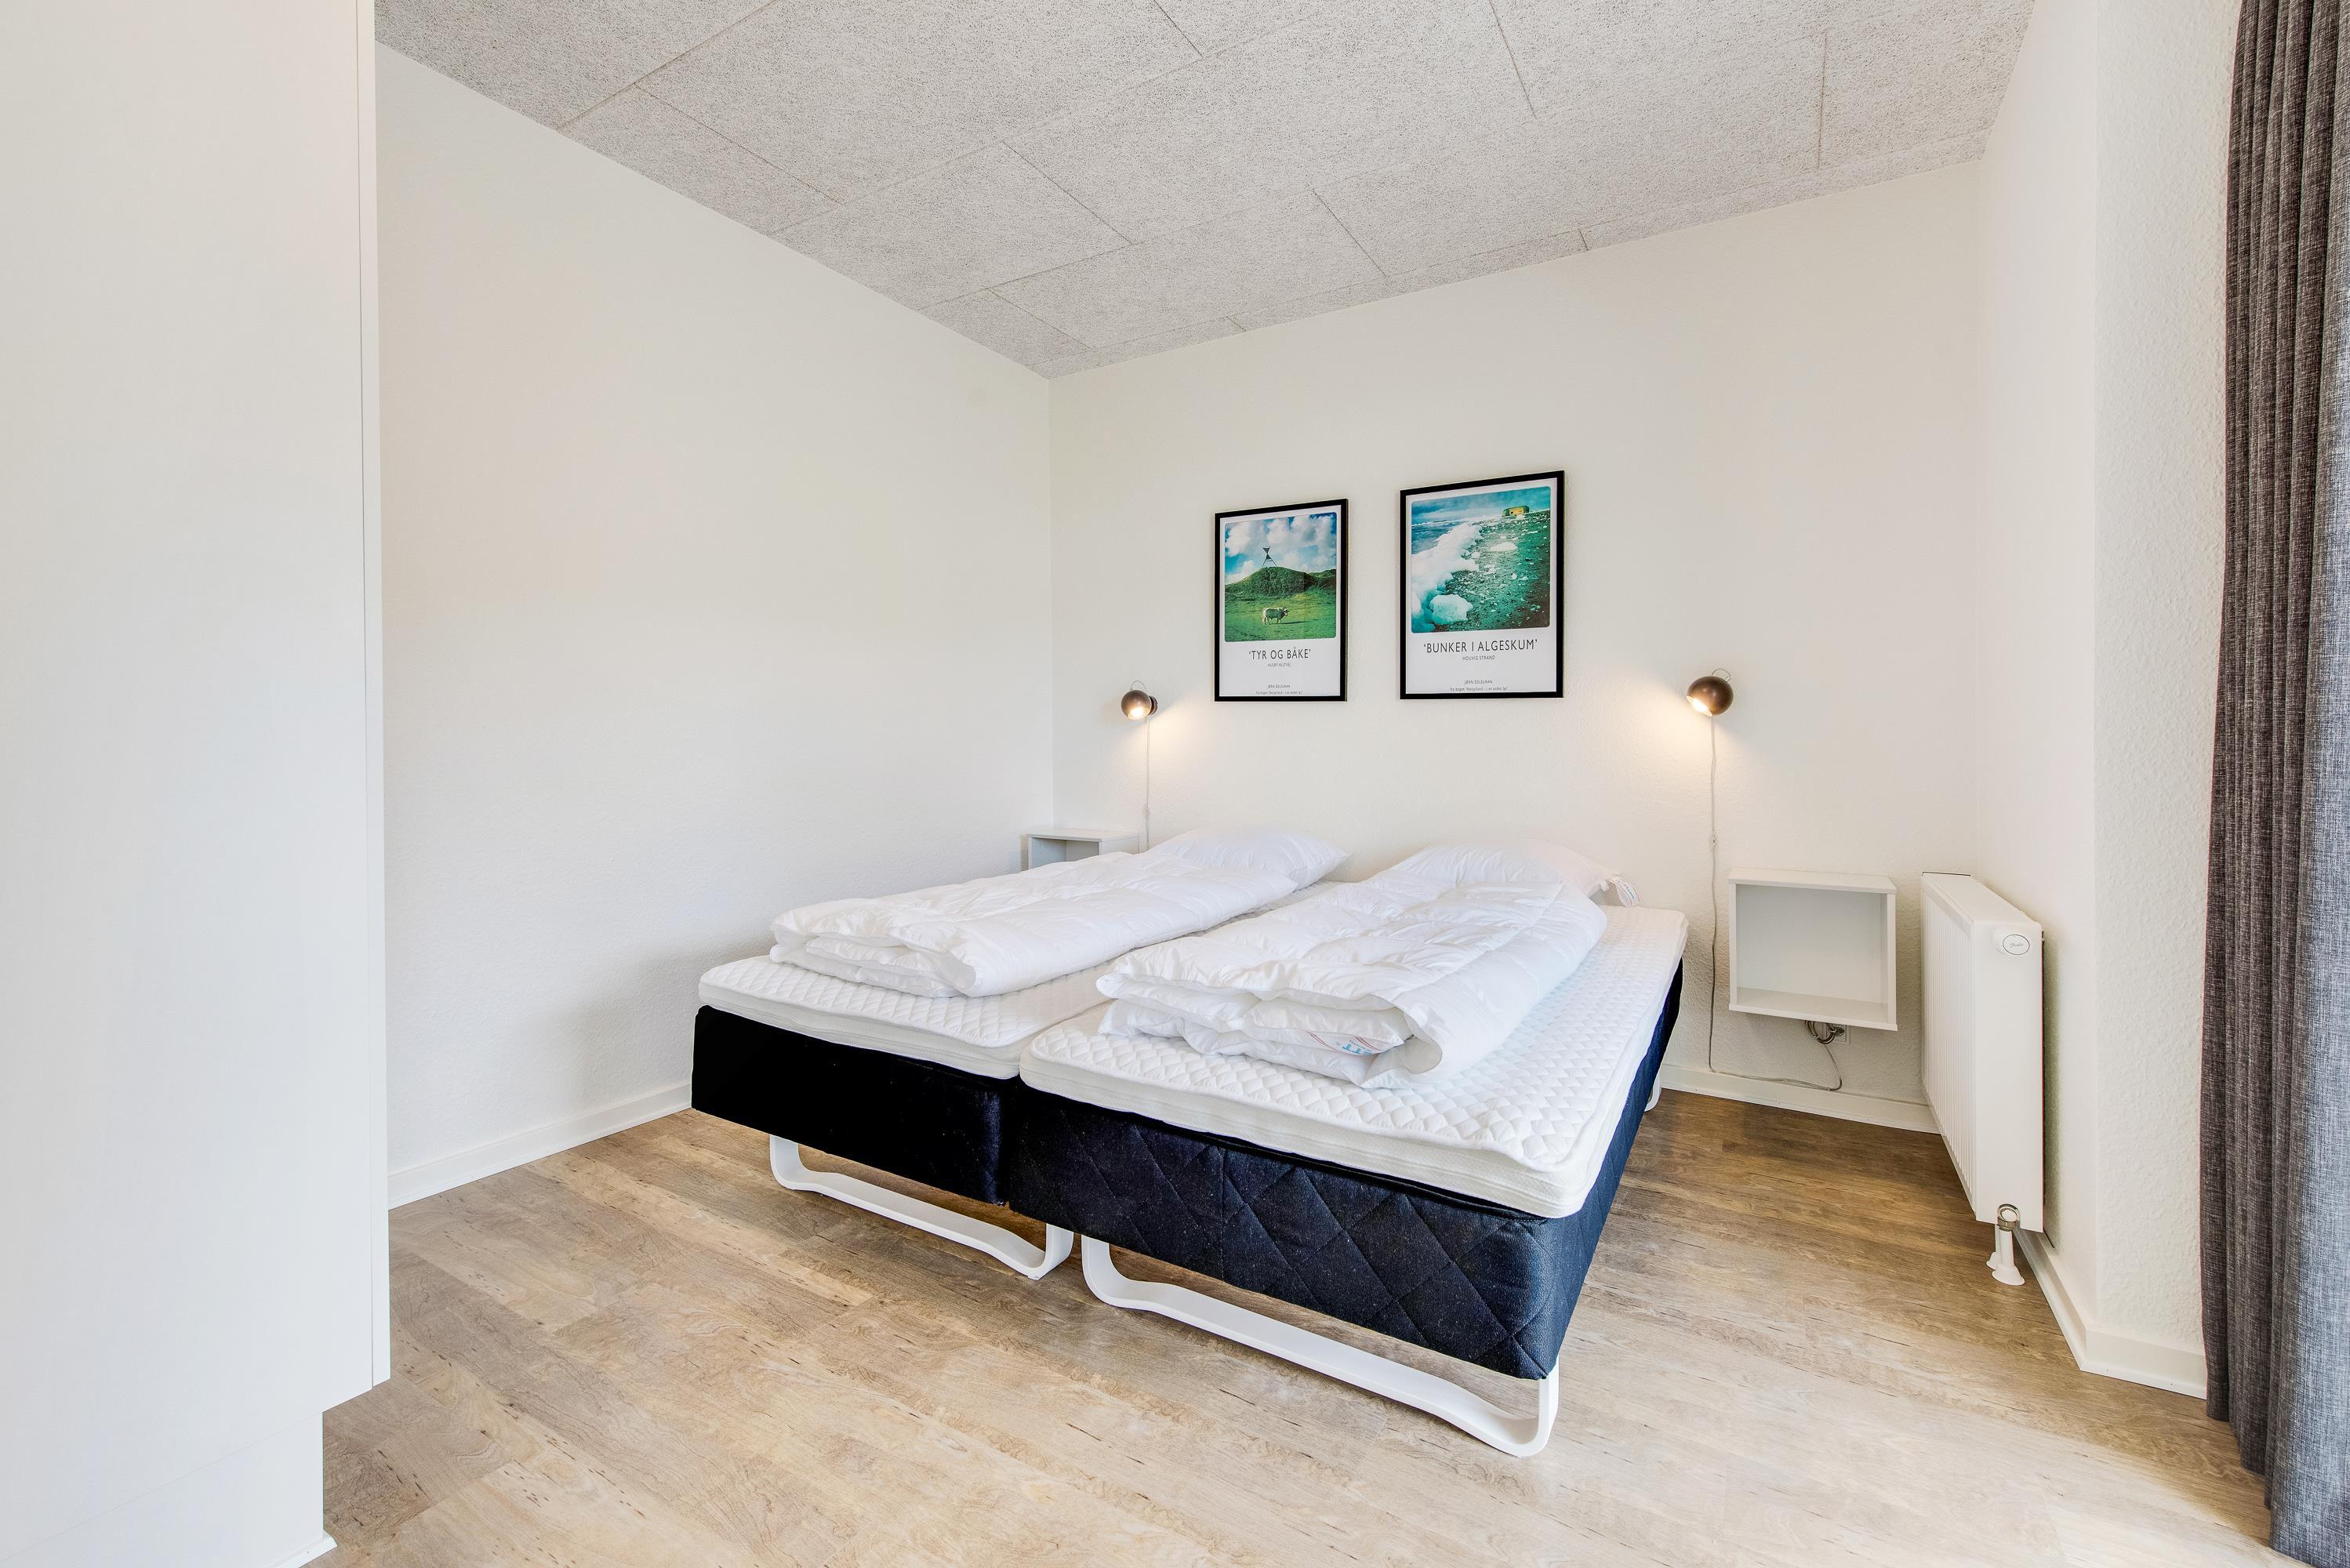 Moderne und zentral gelegenene Ferienwohnung mit gratis Strom (Bild  12)